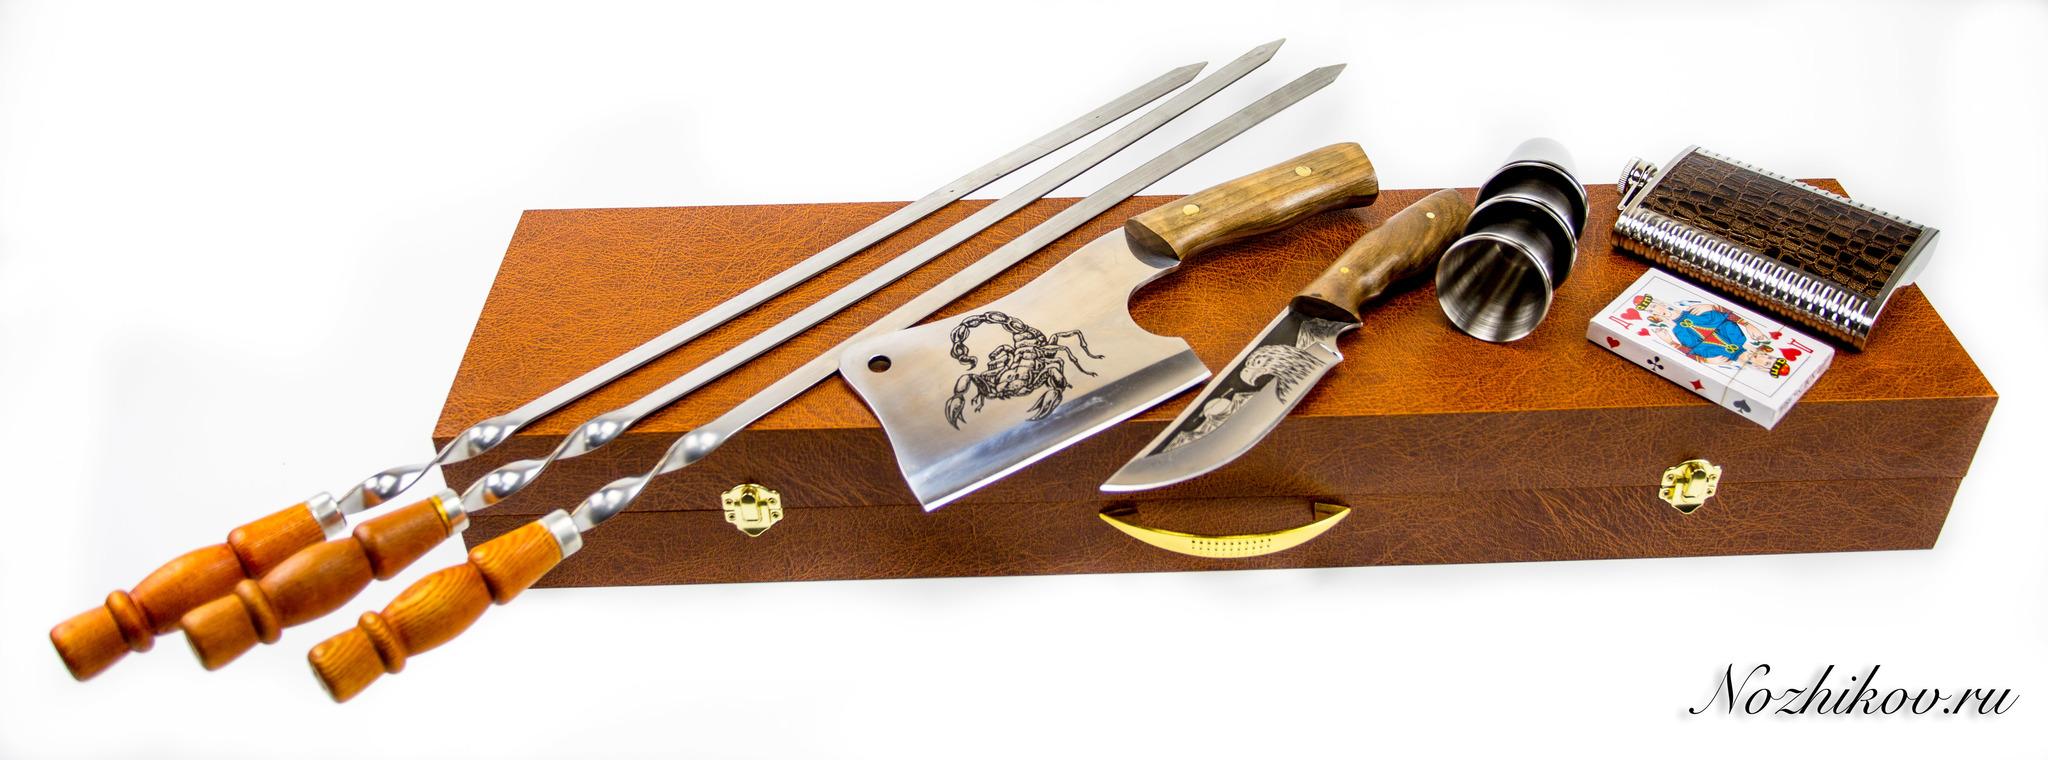 Фото 3 - Шашлычный набор Боярский №2, Кизляр от Кизляр СТО